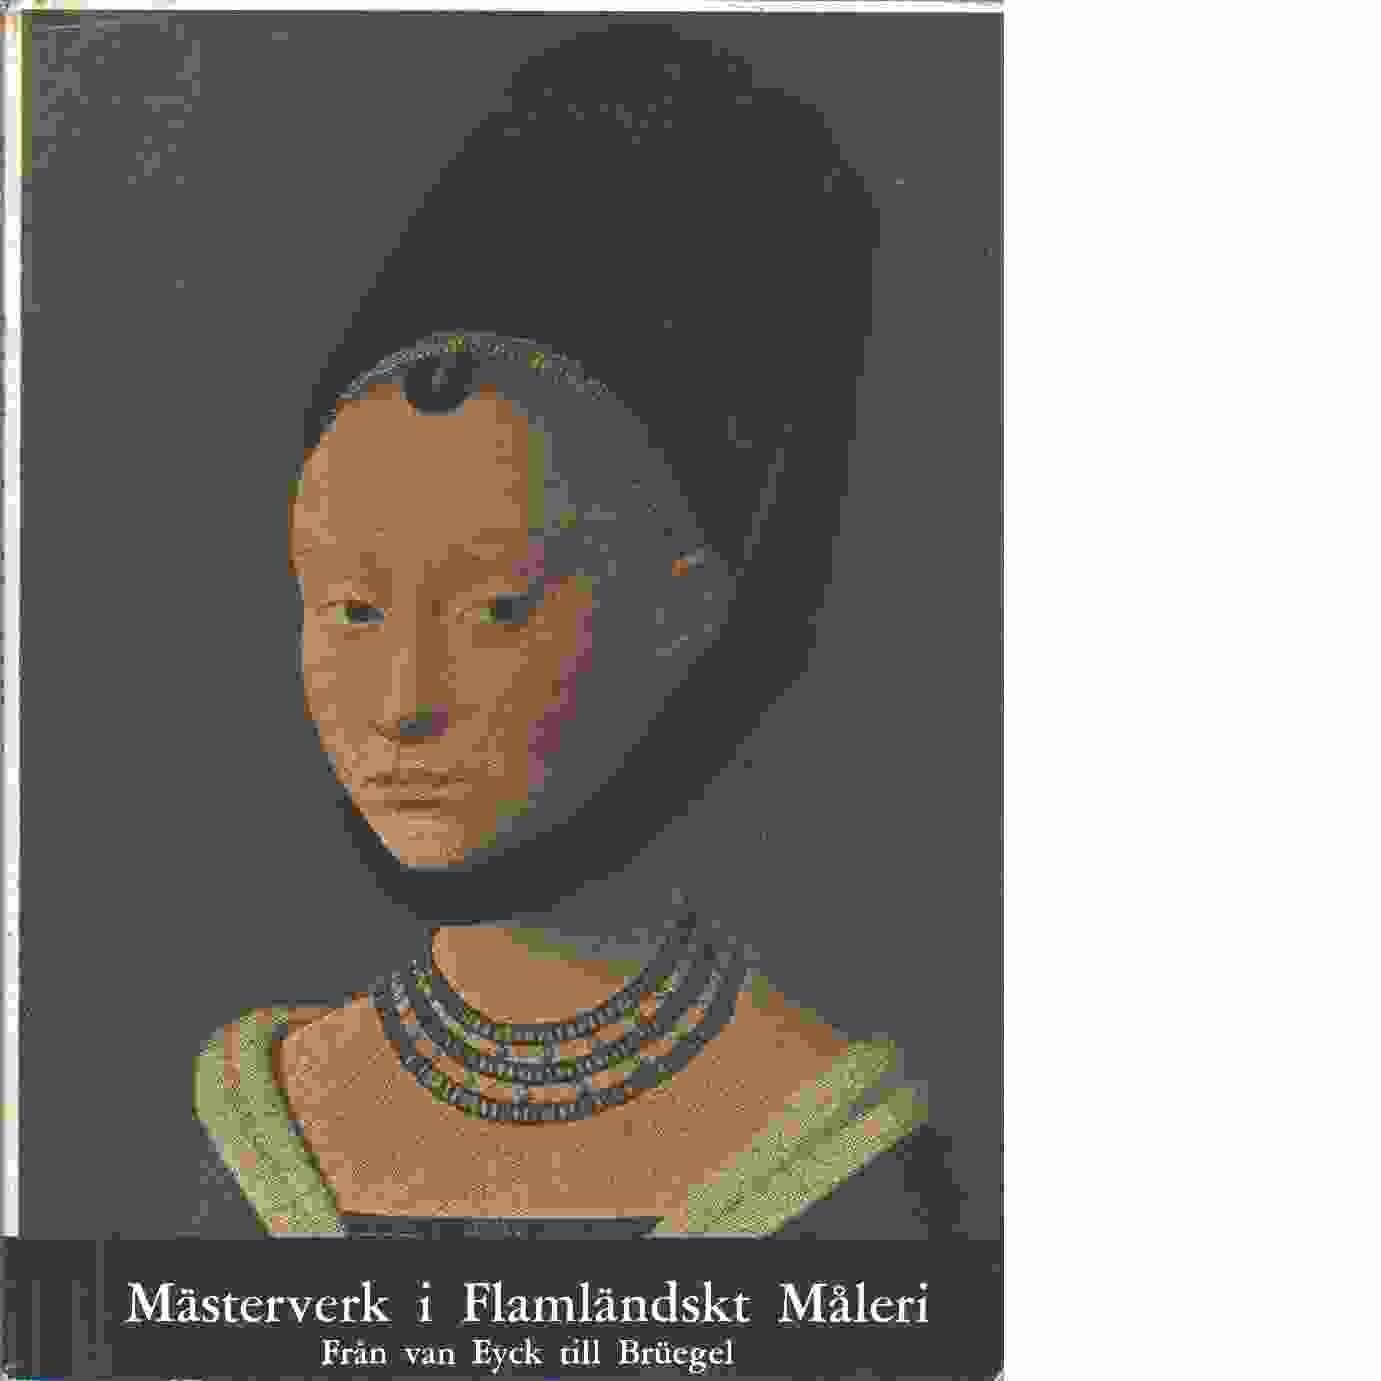 Mästerverk i flamländskt måleri från van Eyck till Bruegel. - Schweicher, Curt